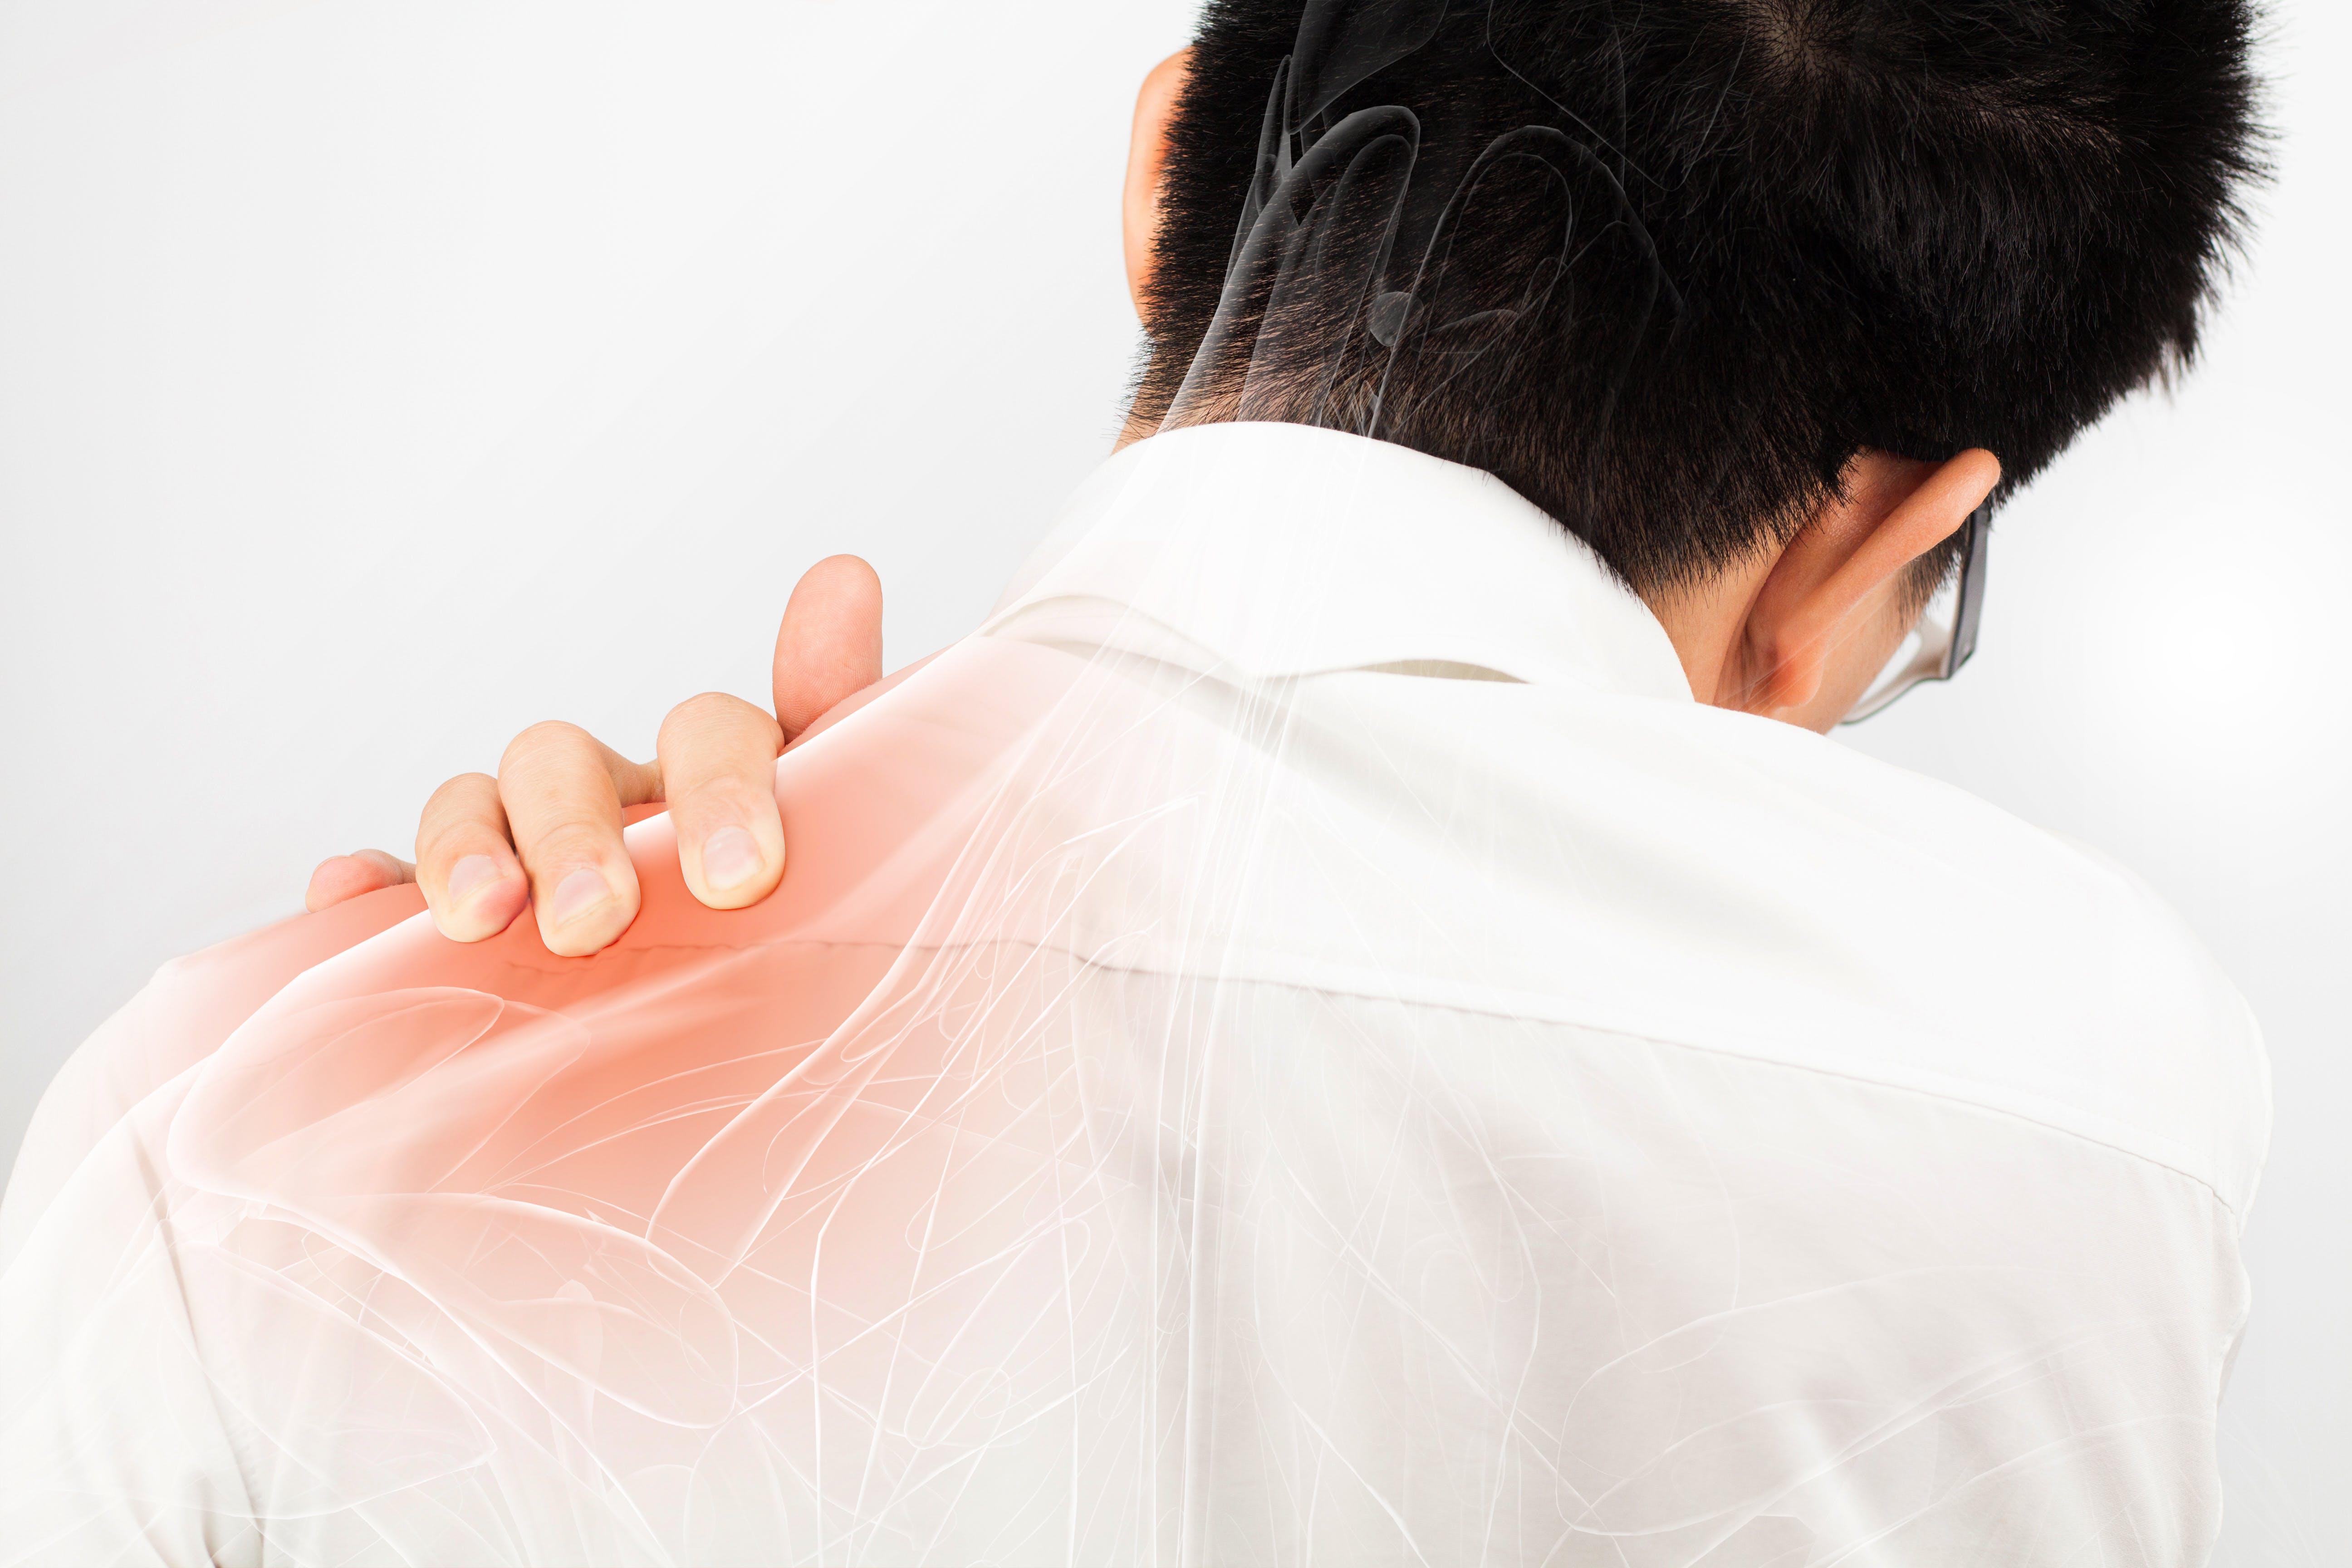 Kronisk smärta är konsekvensen av en kompromiss, del 1